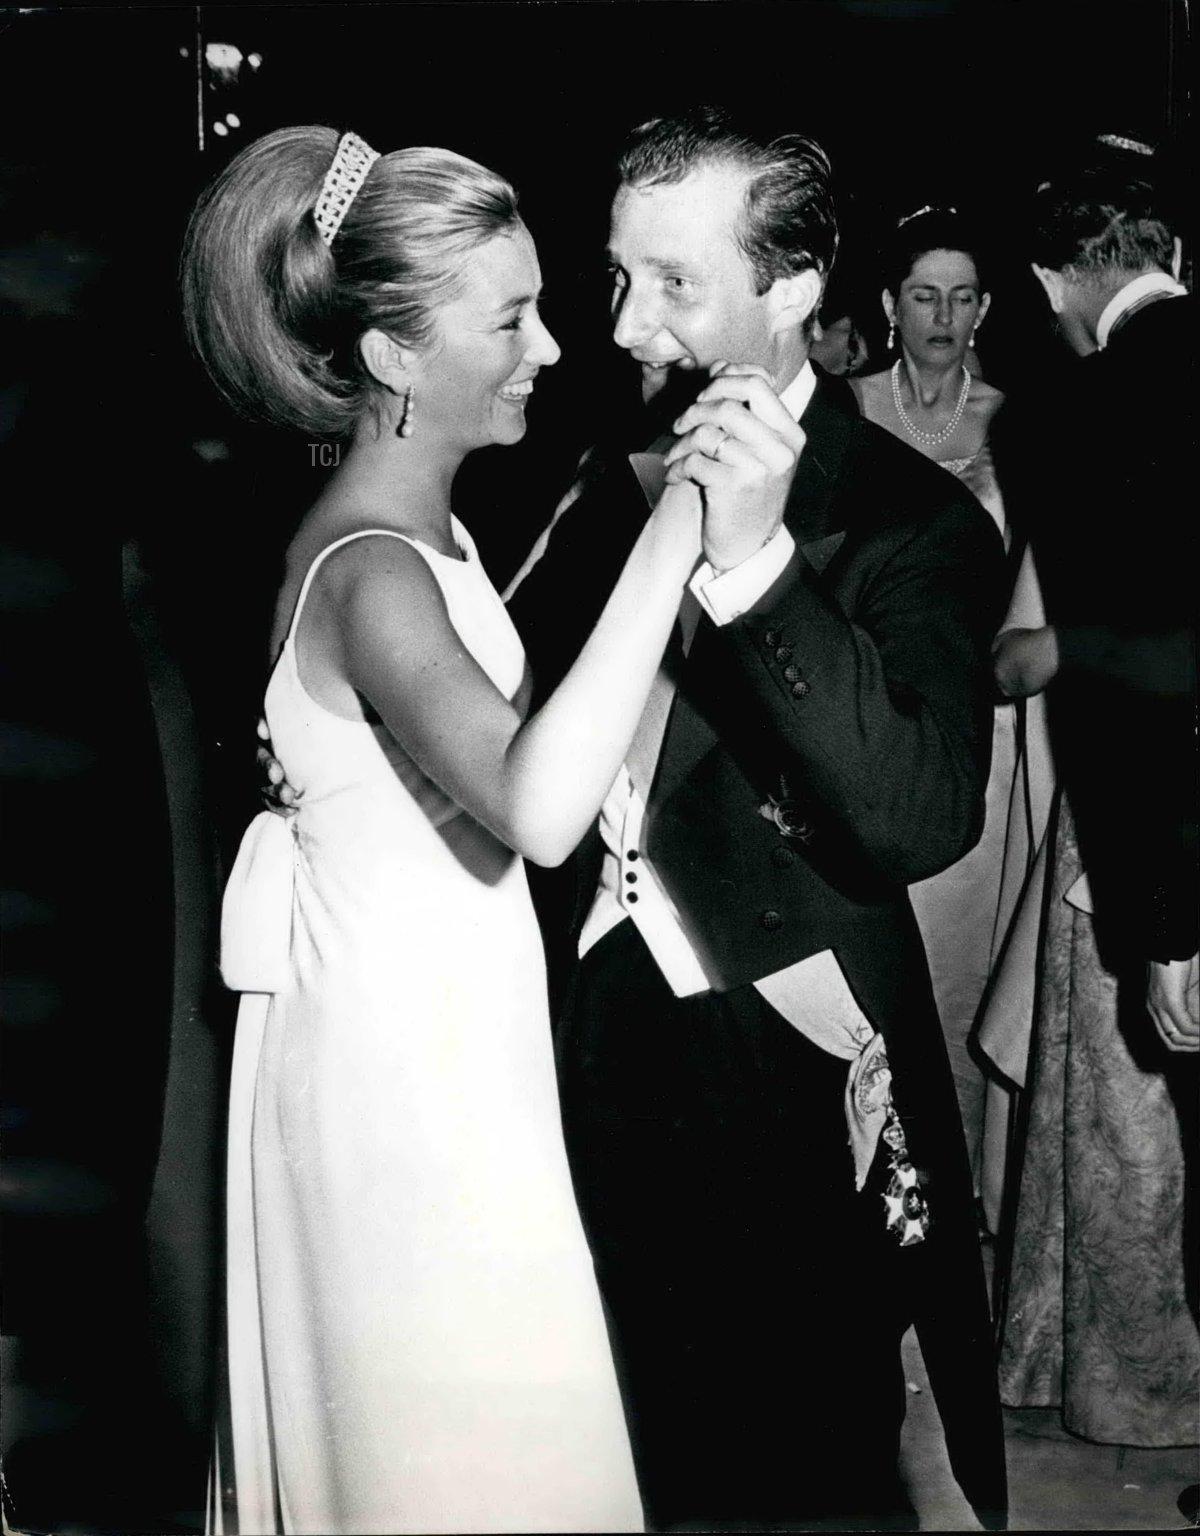 Princess Paola dances at the Waterloo Ball, June 1965